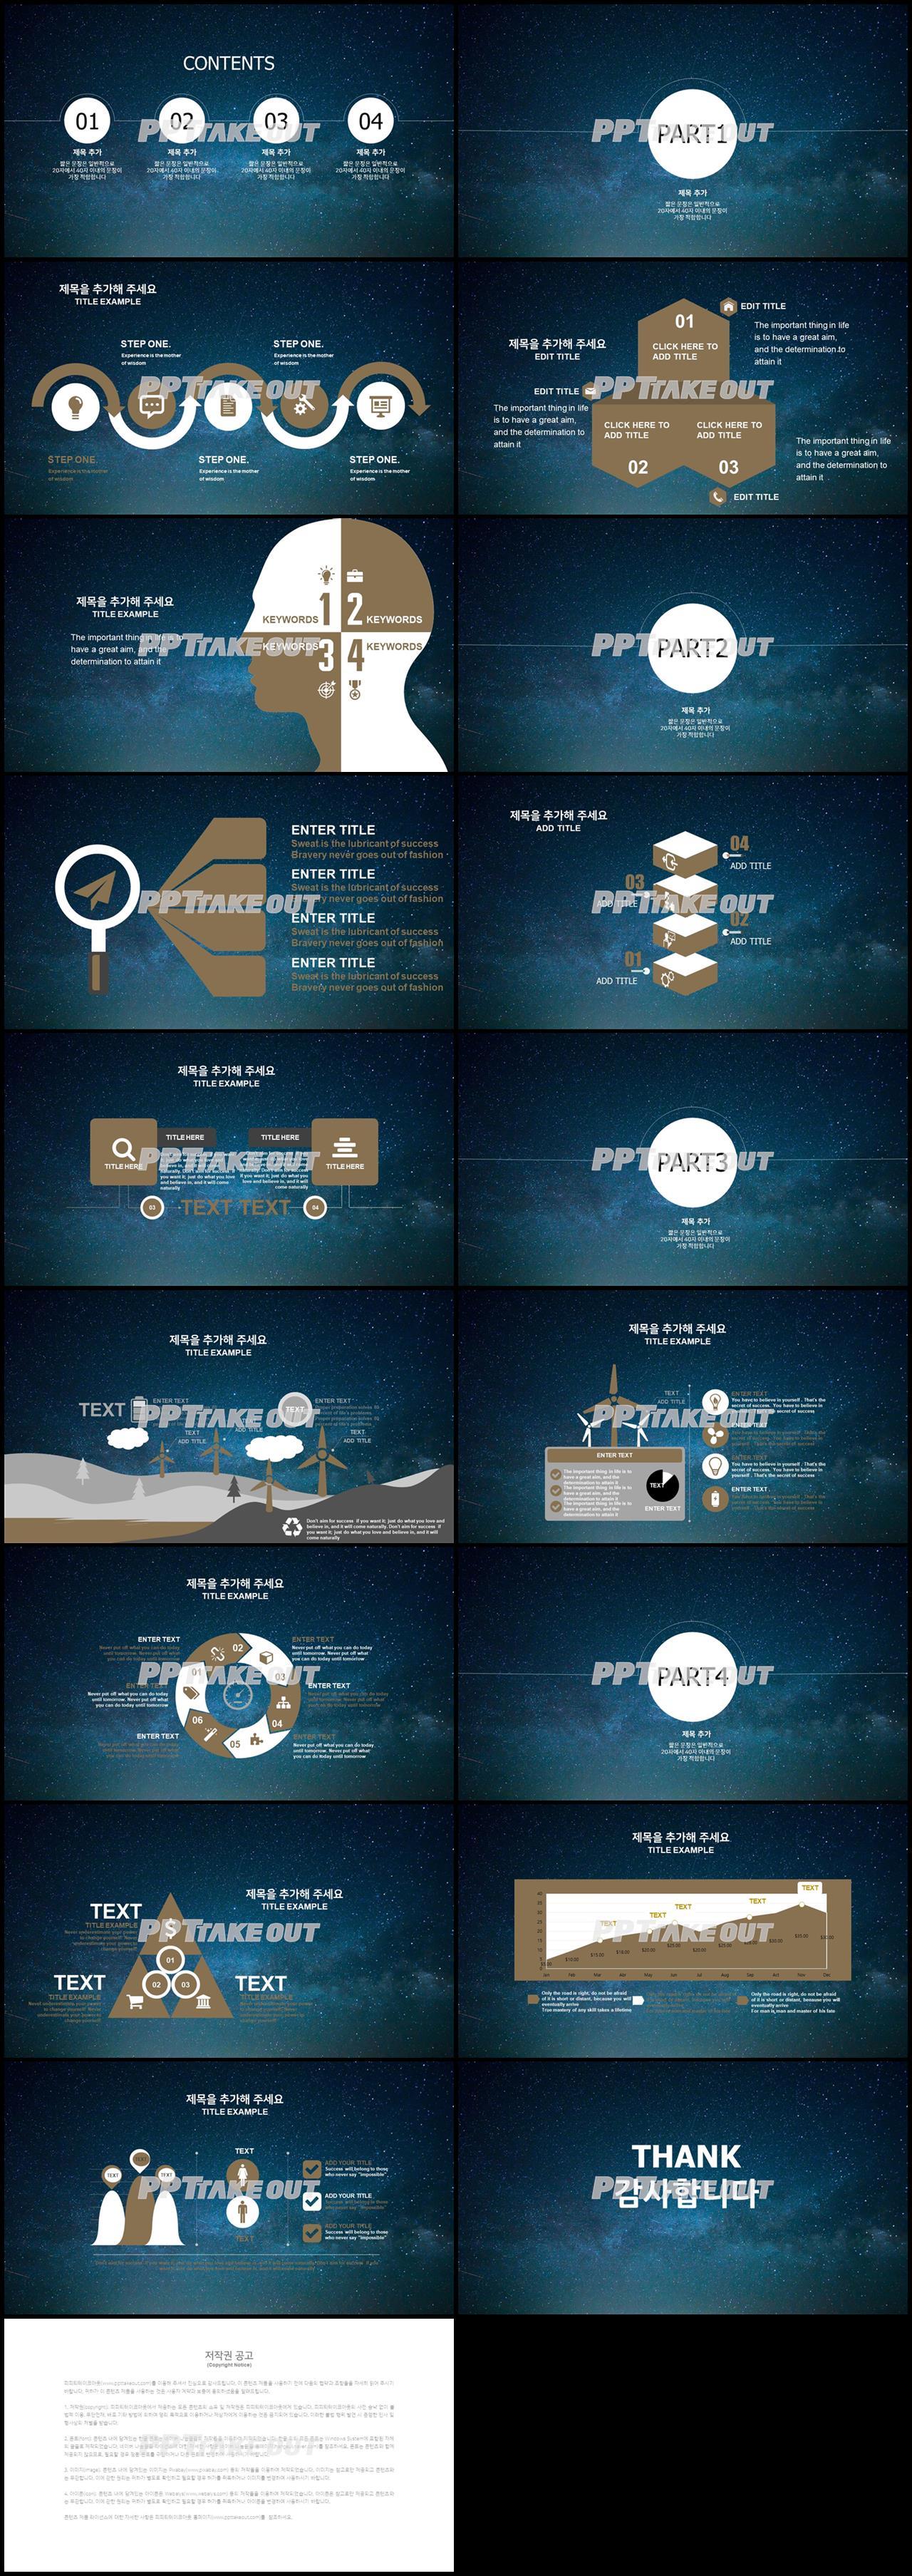 비즈니스 브라운 다크한 다양한 주제에 어울리는 PPT탬플릿 디자인 상세보기